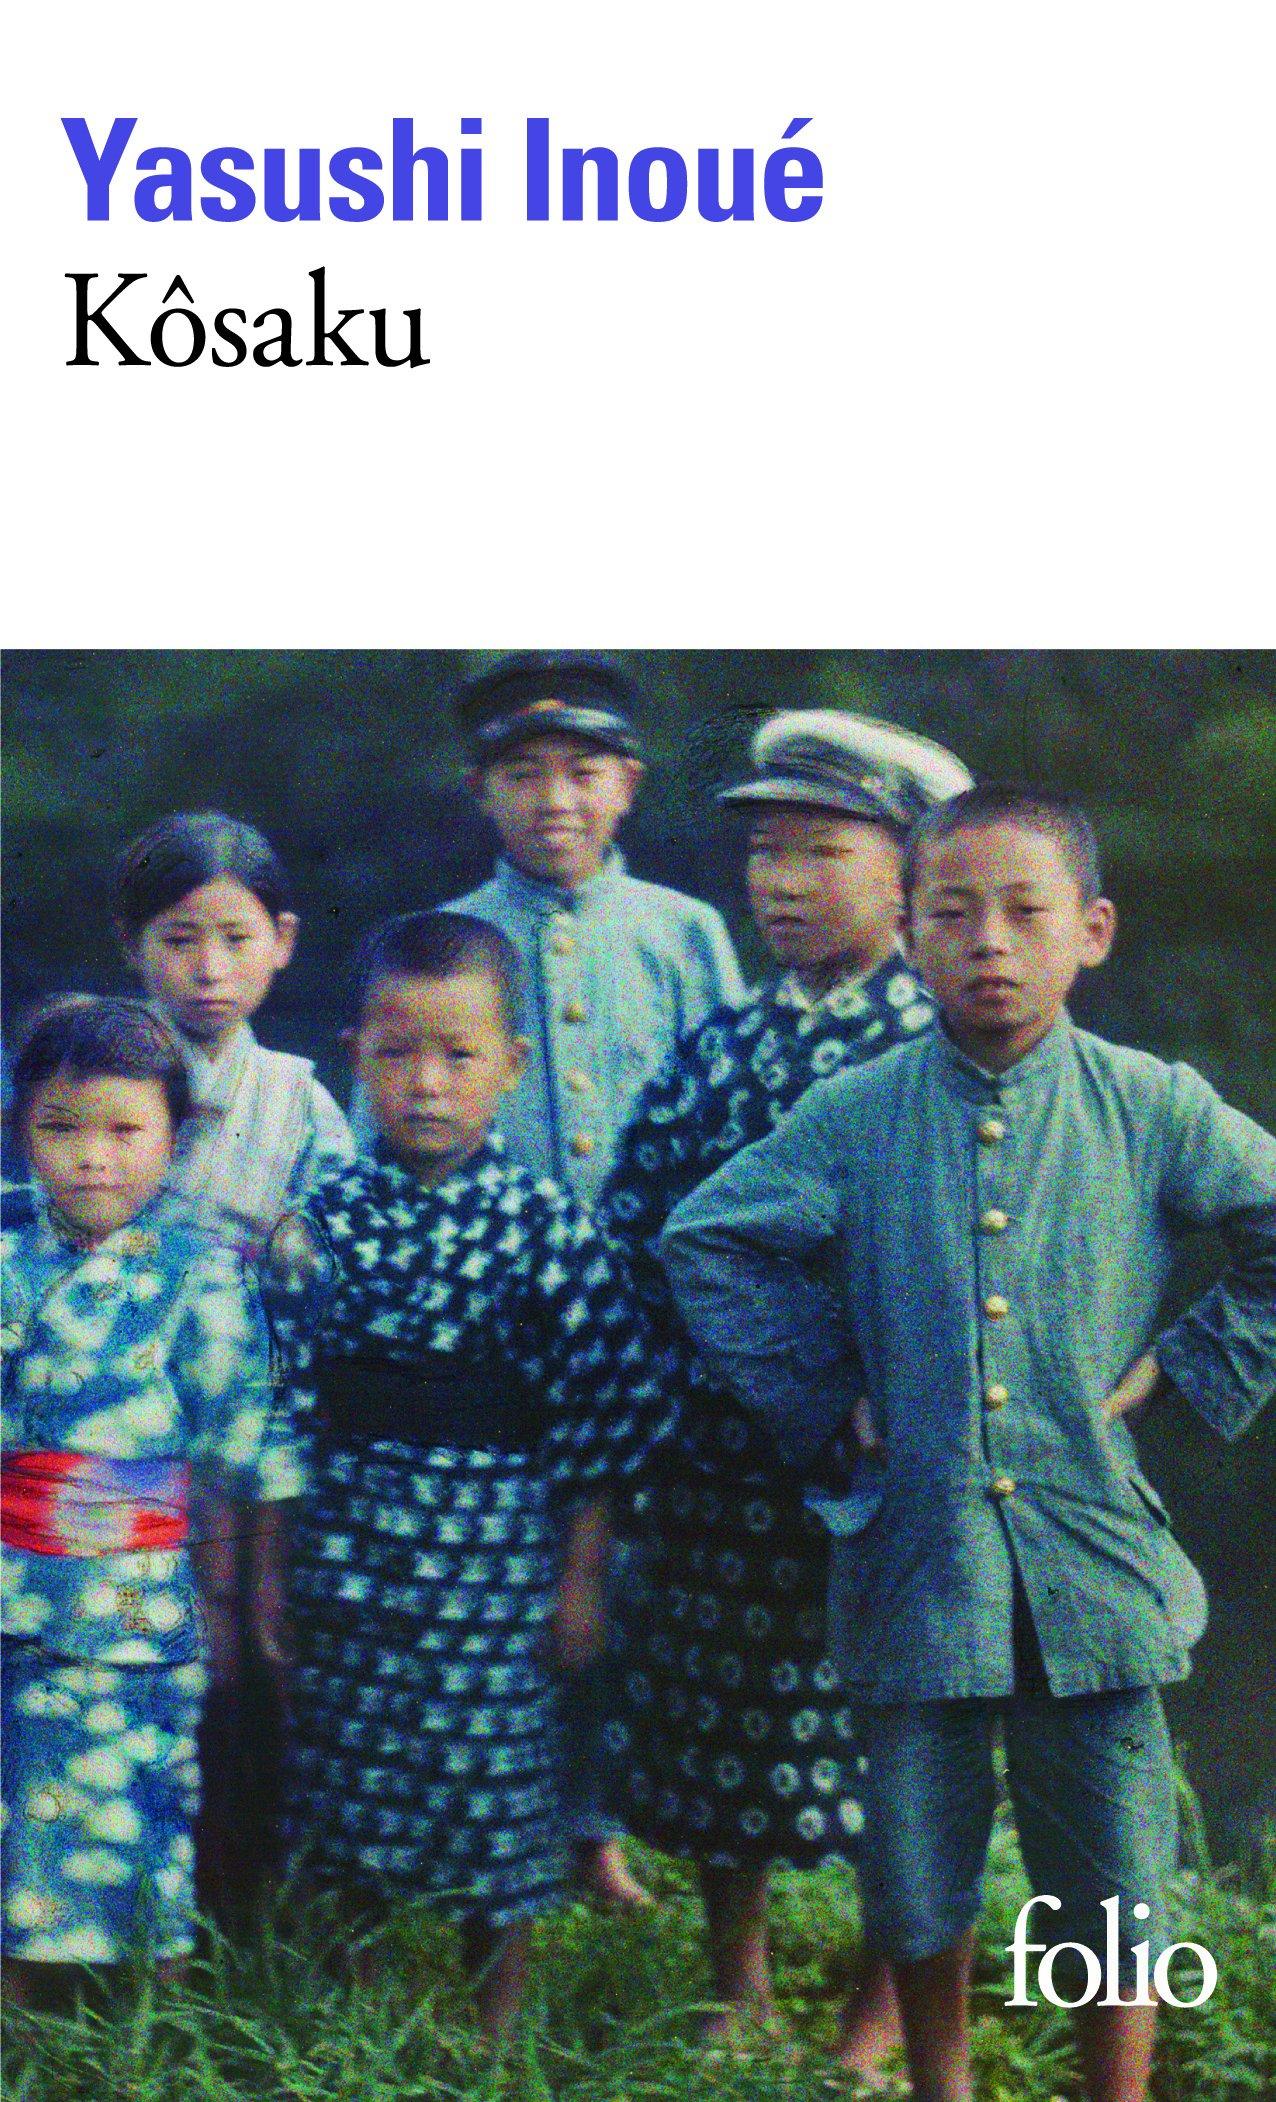 images-na.ssl-images-amazon.com/images/I/91ClozcO3sL.jpg